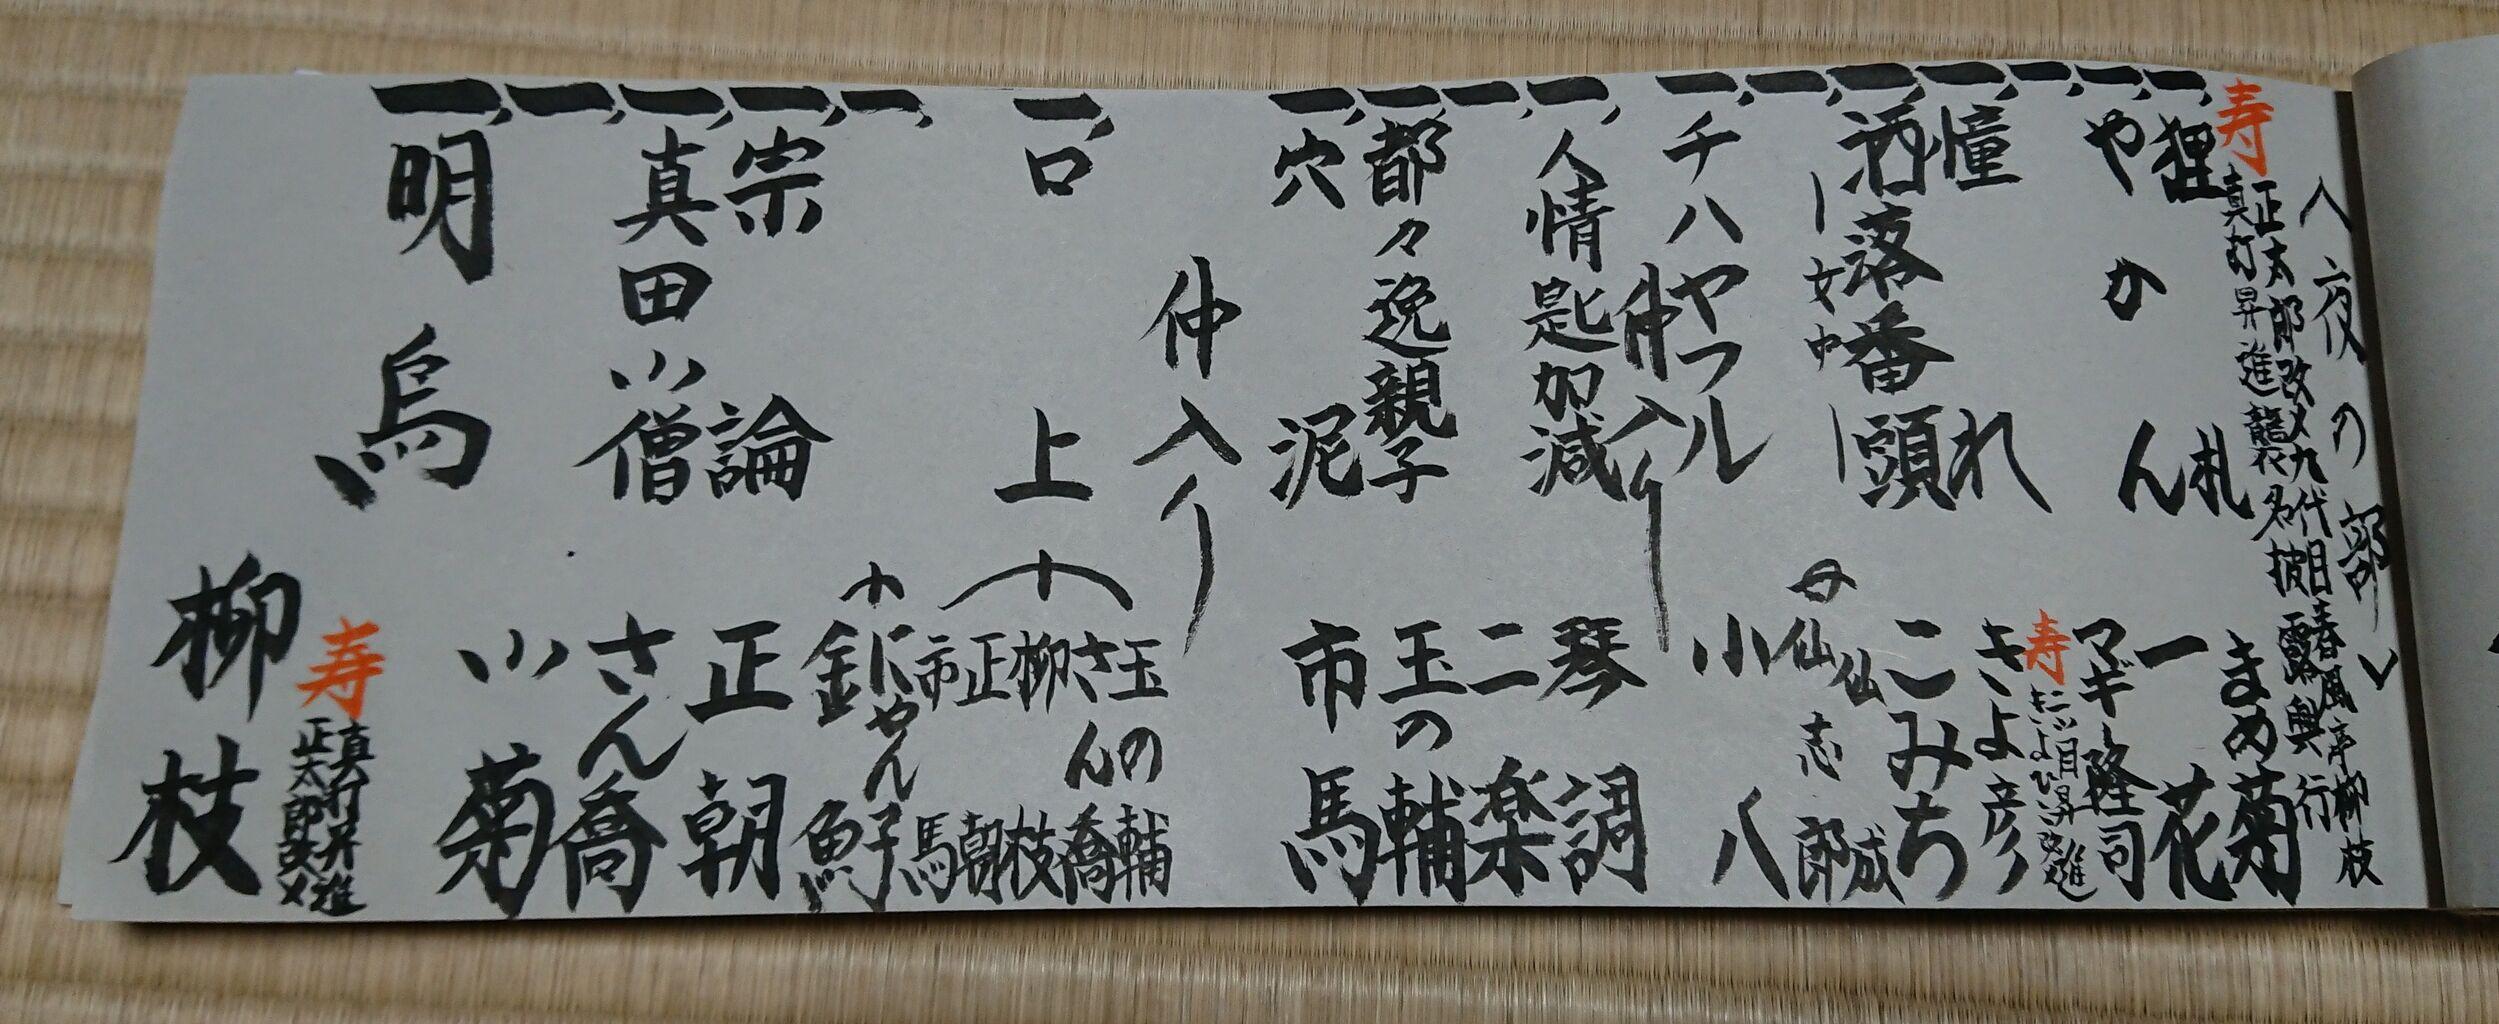 DSC_2486改